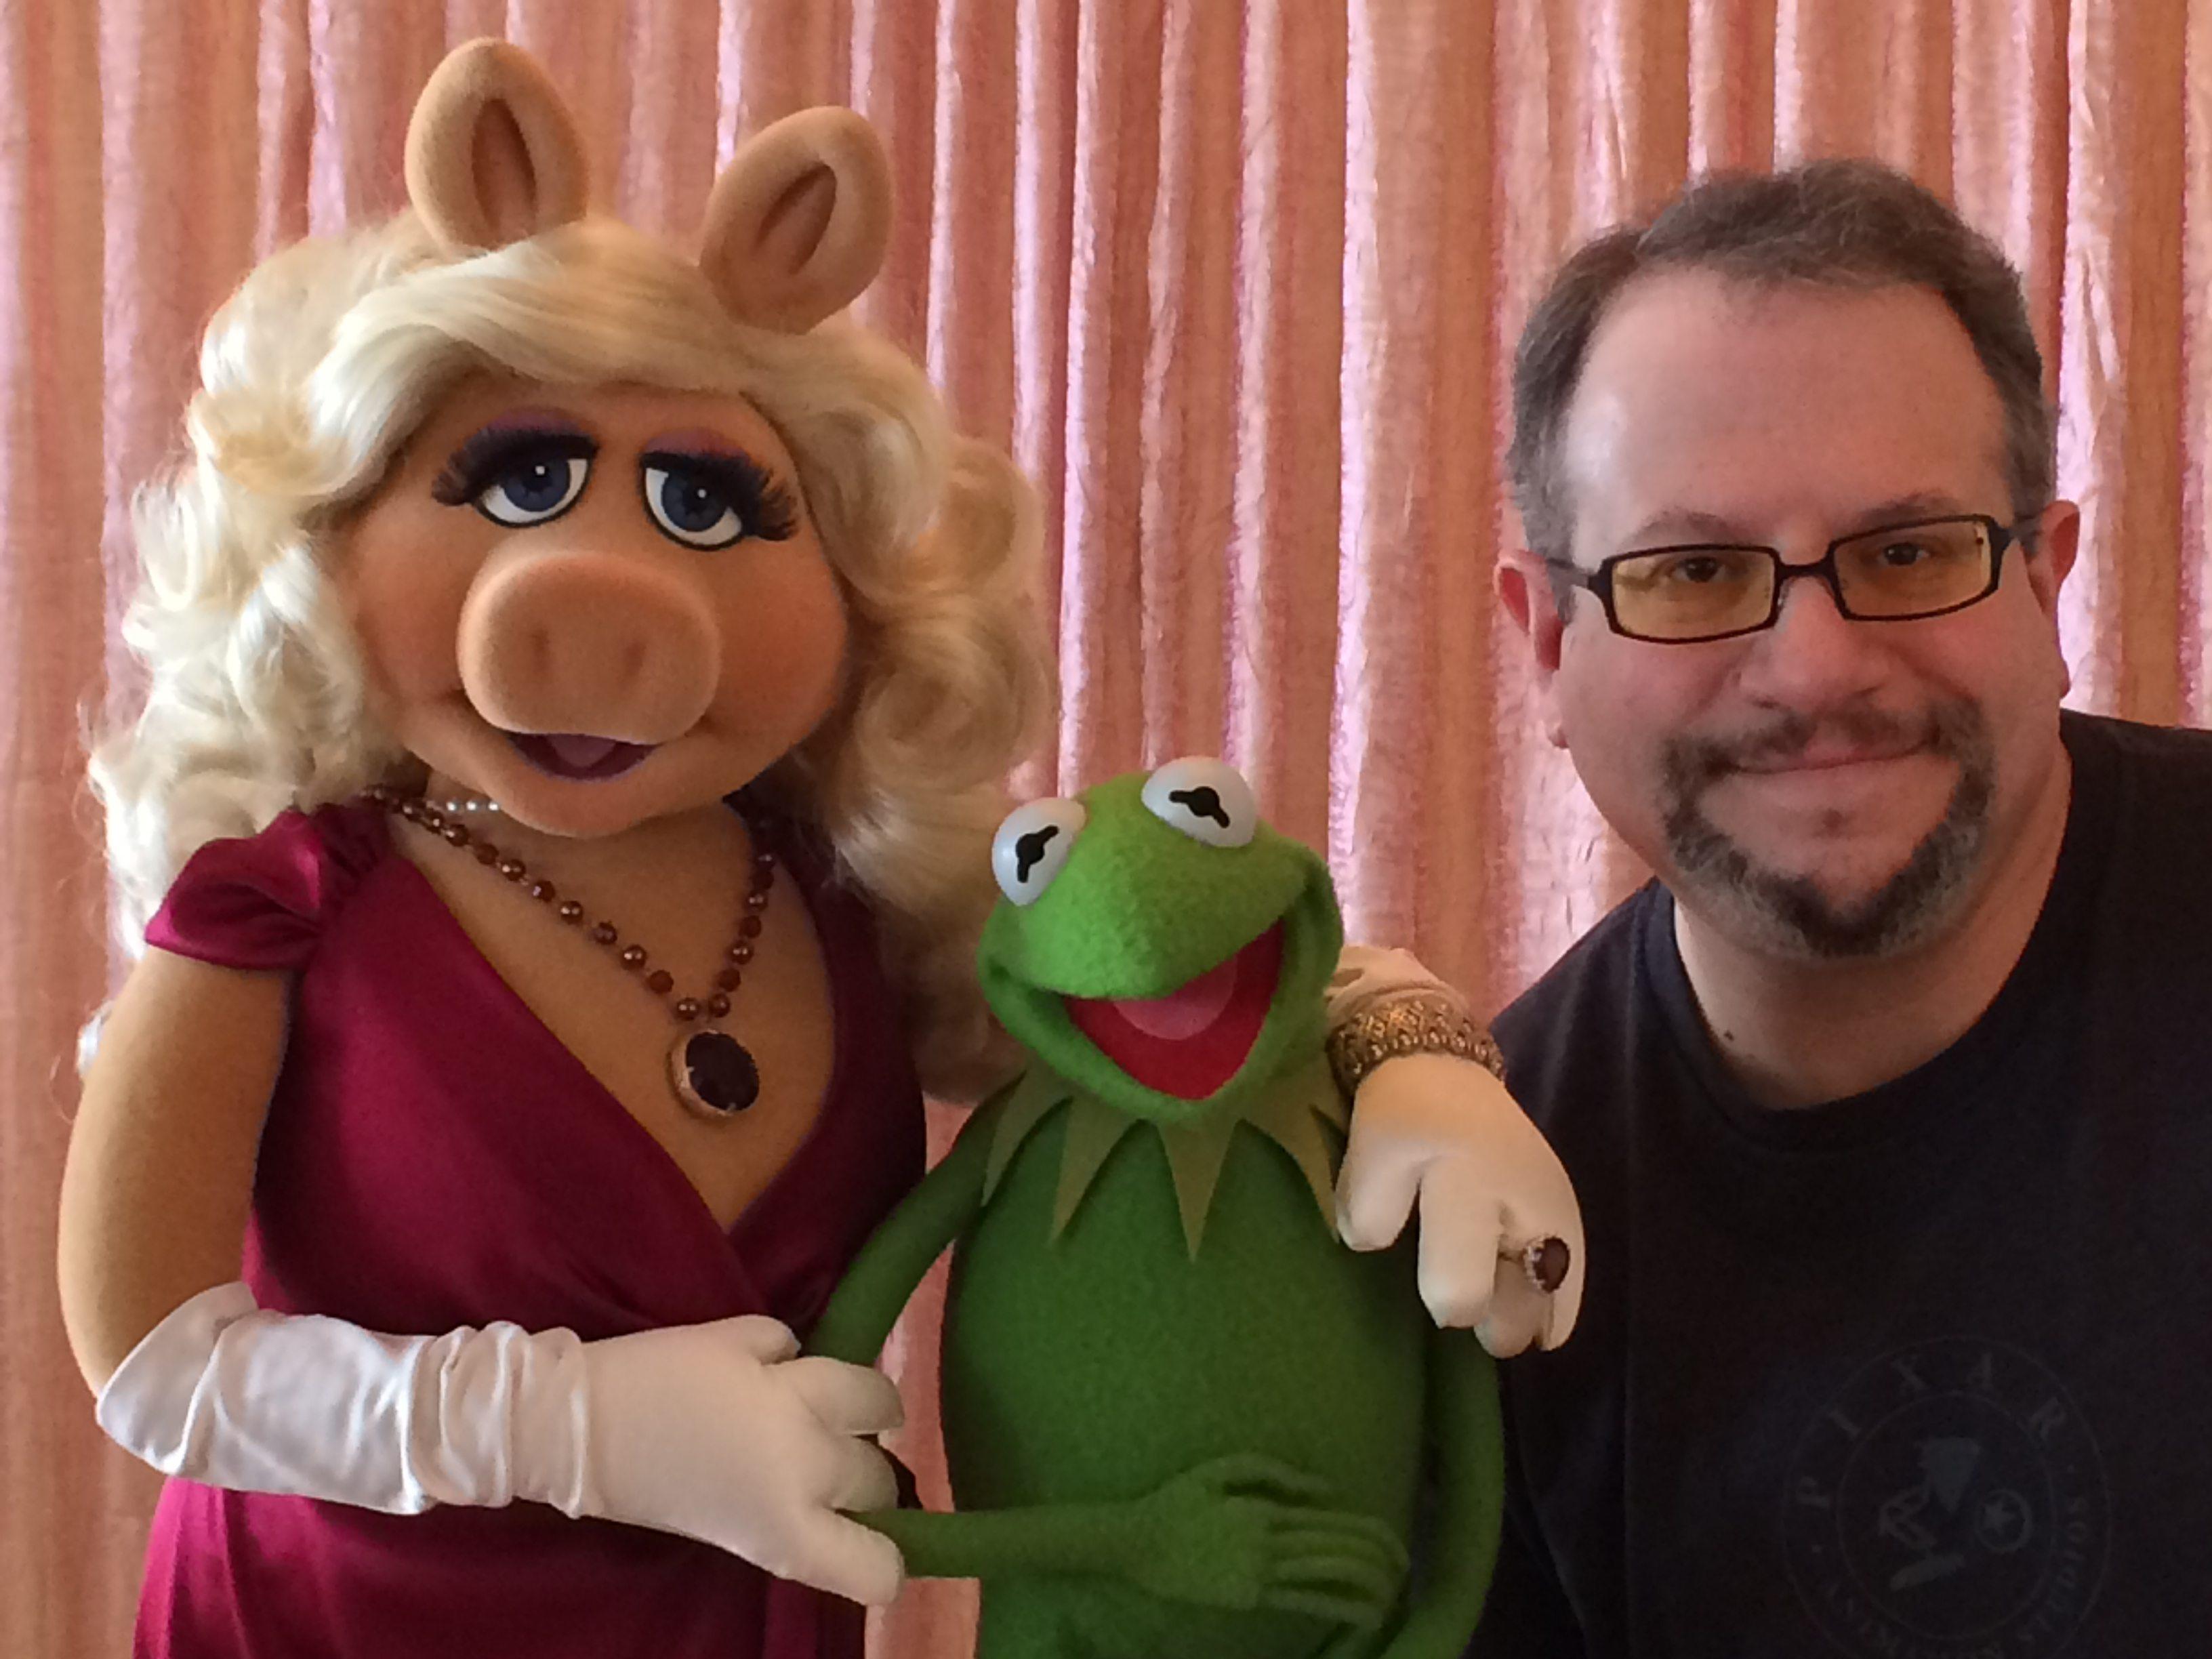 Matt Blum and Muppets